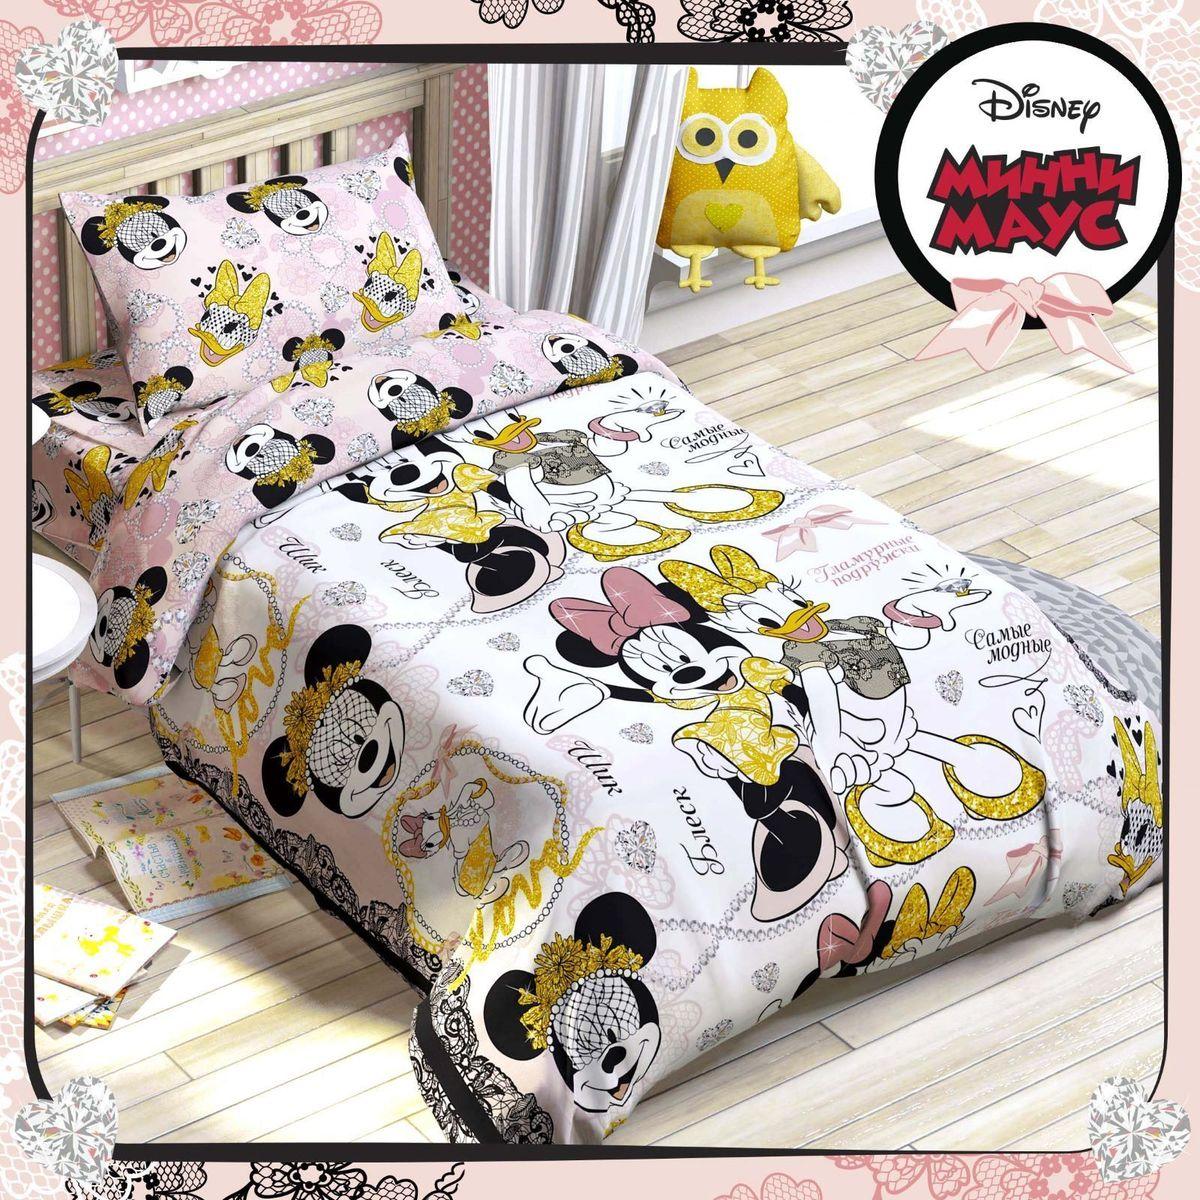 Disney КПБ 1,5 спальное Минни Маус Гламурные подружки1317317Комплект постельного белья от бренда Disney станет прекрасным подарком маленьким любителям красочных мультфильмов. Этот комплект прекрасно впишется в интерьер любой спальной комнаты. Яркие краски и натуральный материал - все это позволит ребенку крепко спать и видеть красивые сказочные сны с участие своих любимых героев из мультфильмов Disney. Это постельное белье подойдет для детей с чувствительной кожей. Постельное белье от бренда Disney отлично впитывает влагу, не вызывает аллергических реакций, позволяет коже дышать. Стирать изделия нужно при температуре не выше 40 °C, без использования отбеливающих средств. Гладить - при температуре не более 150 °C. Химчистка запрещена.В набор постельного белья входят:-пододеяльник (143 х 215 см), -простыня (150 х 214 см), -наволочка (50 х 70 см).